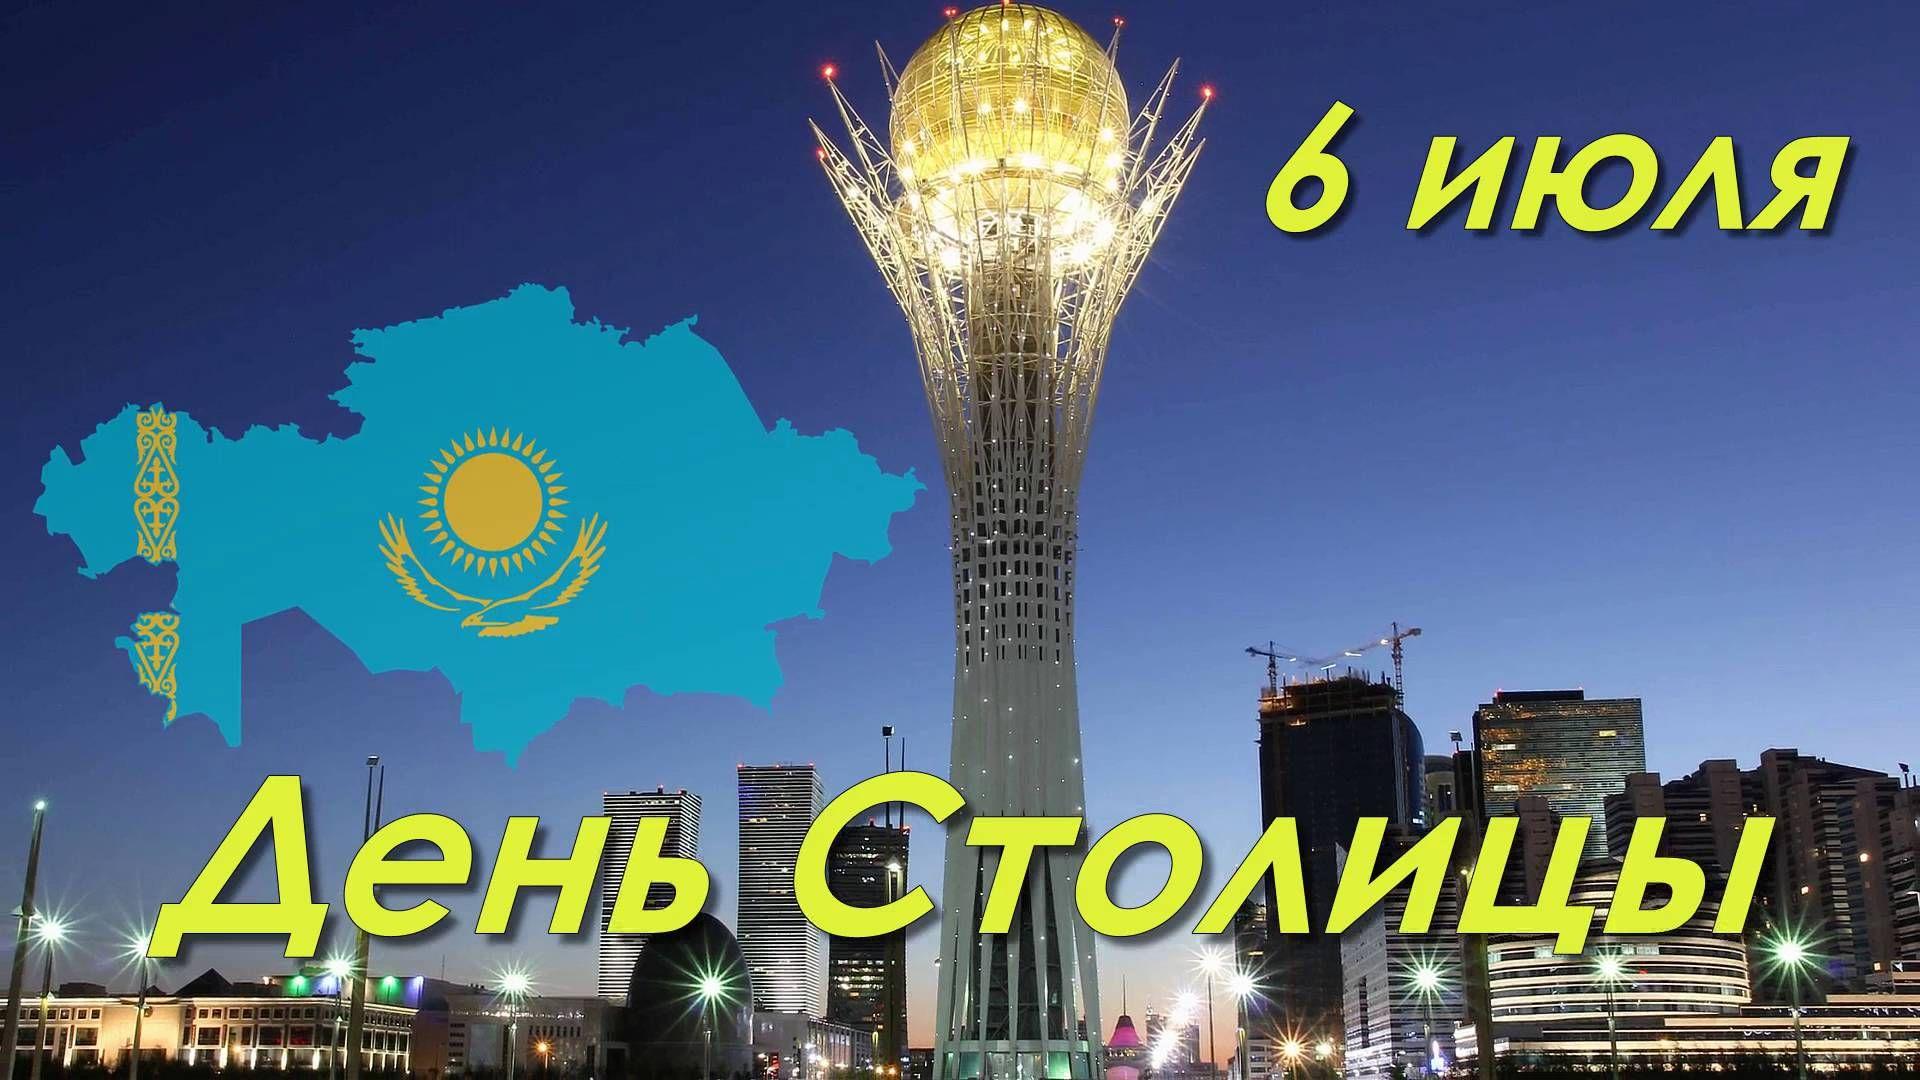 Шесть месяцев, открытки для казахстана по праздникам